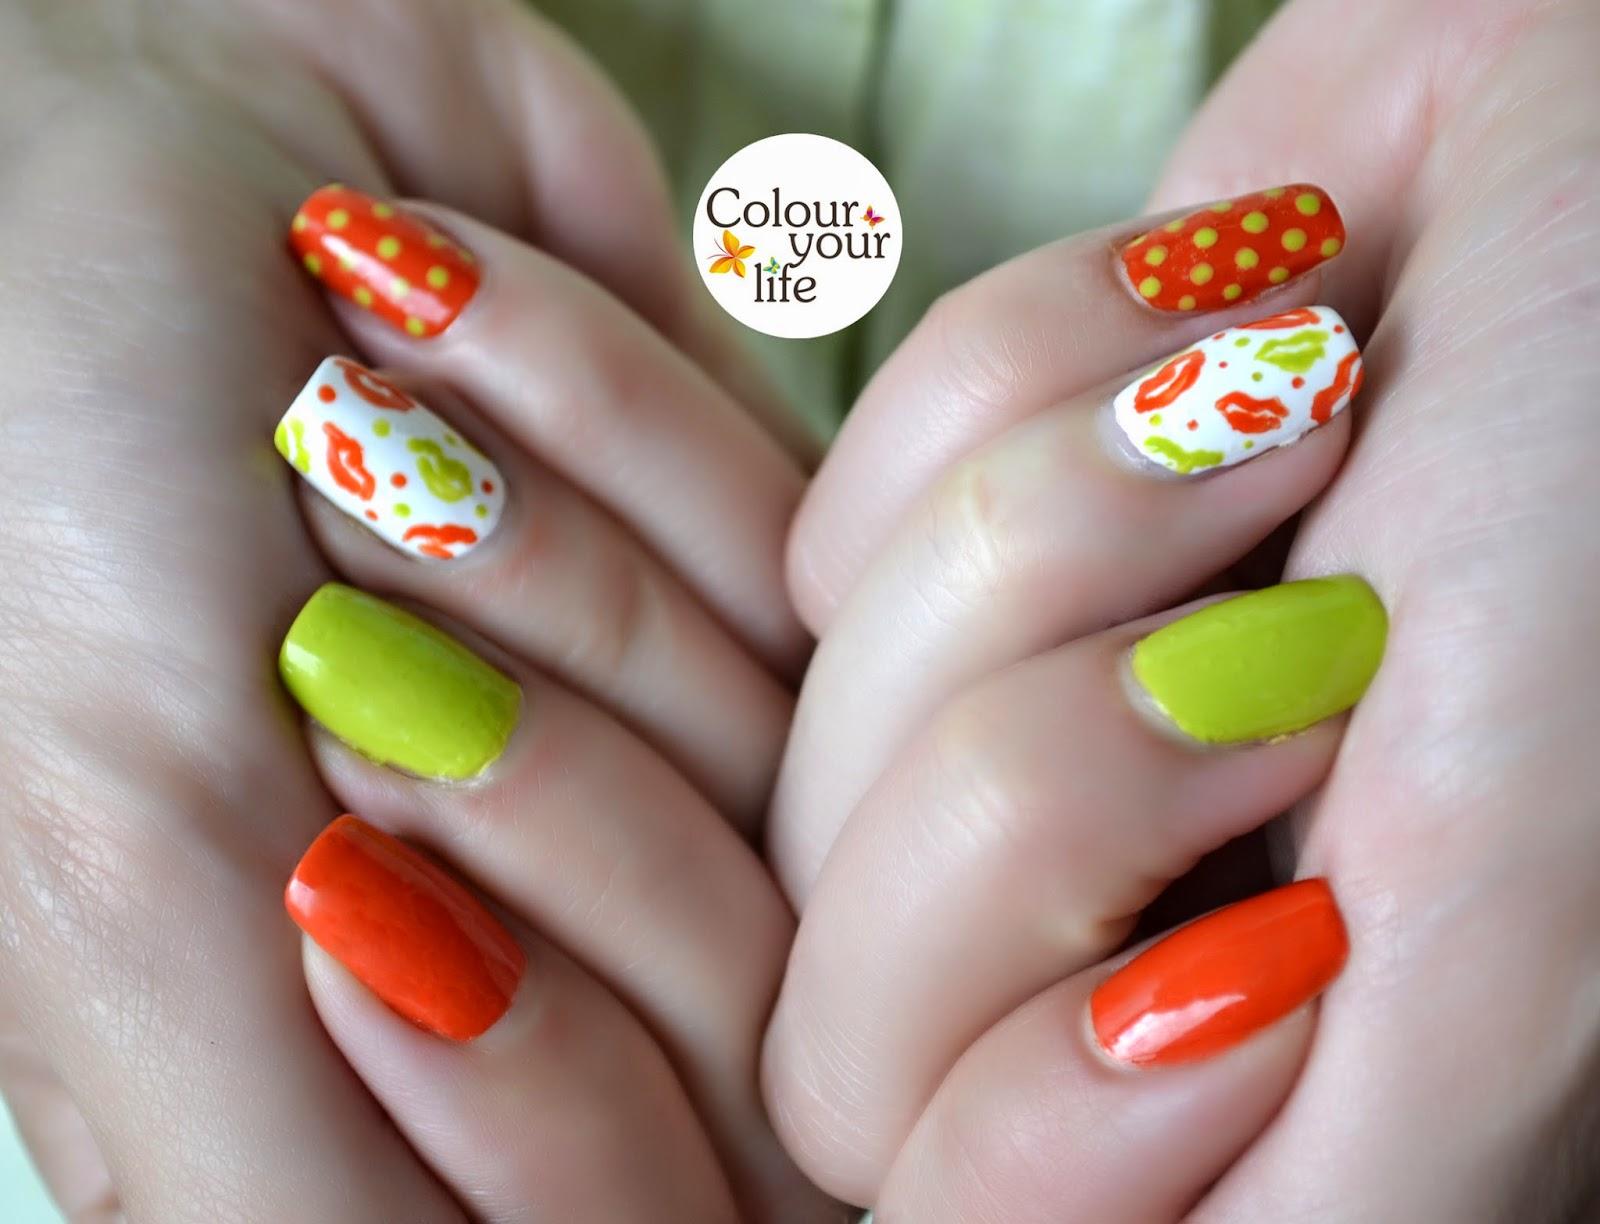 Colour your life: Alphabet nail art challenge